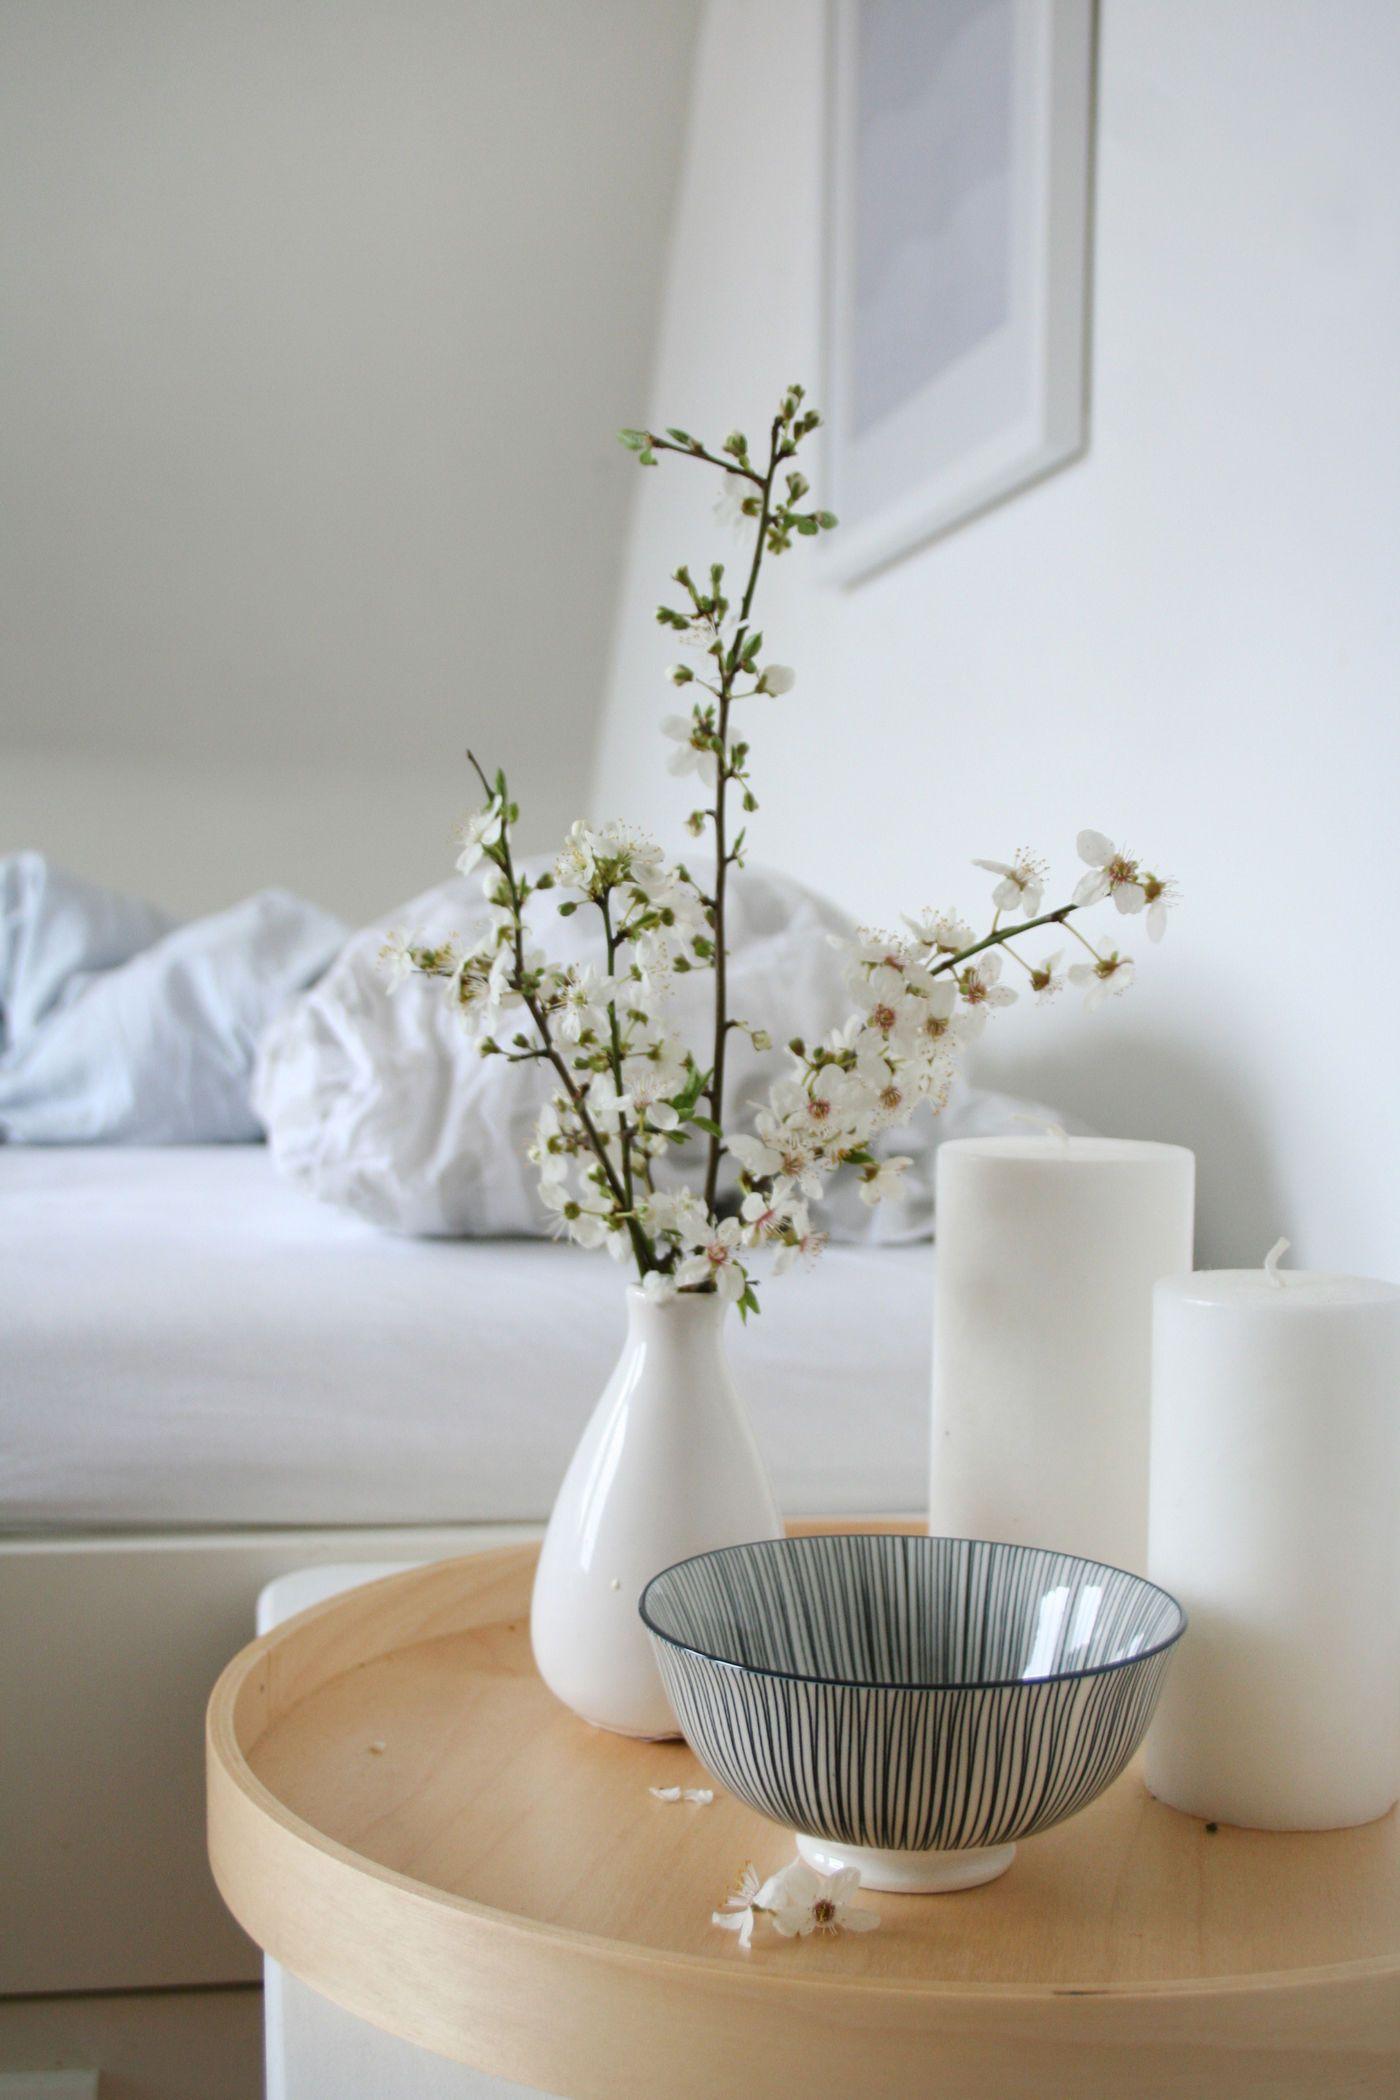 die besten schlafzimmer deko ideen seite 2. Black Bedroom Furniture Sets. Home Design Ideas